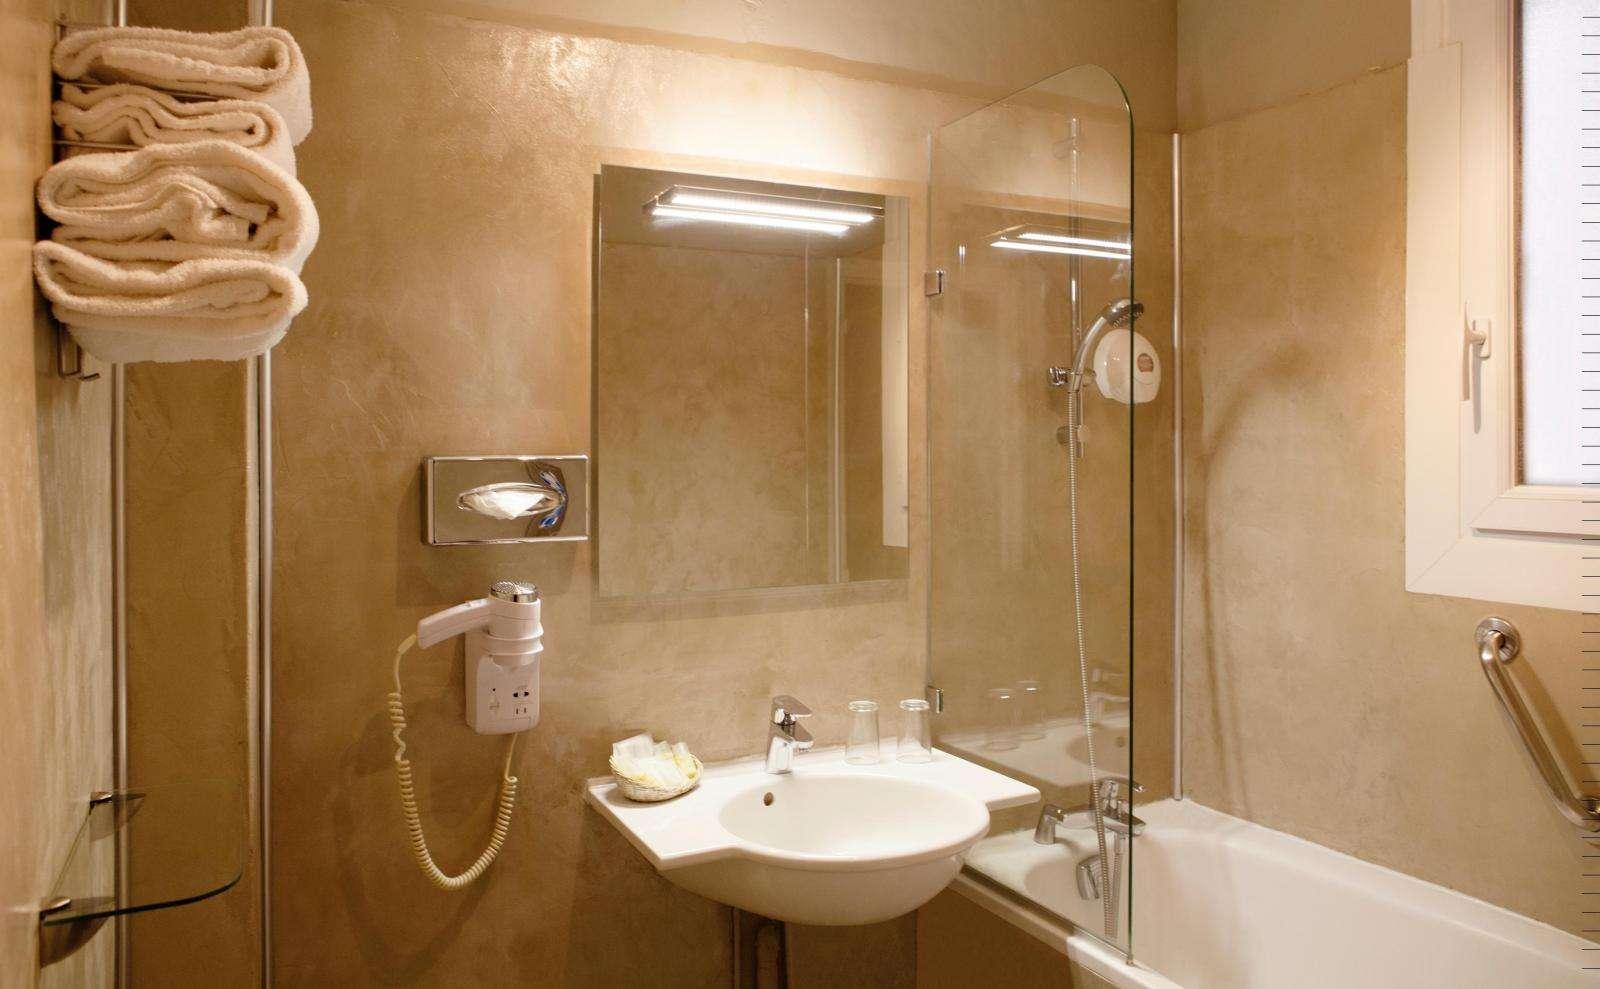 Hotel de la Motte Picquet Paris – Galerie - Hotel 3 Sterne Paris